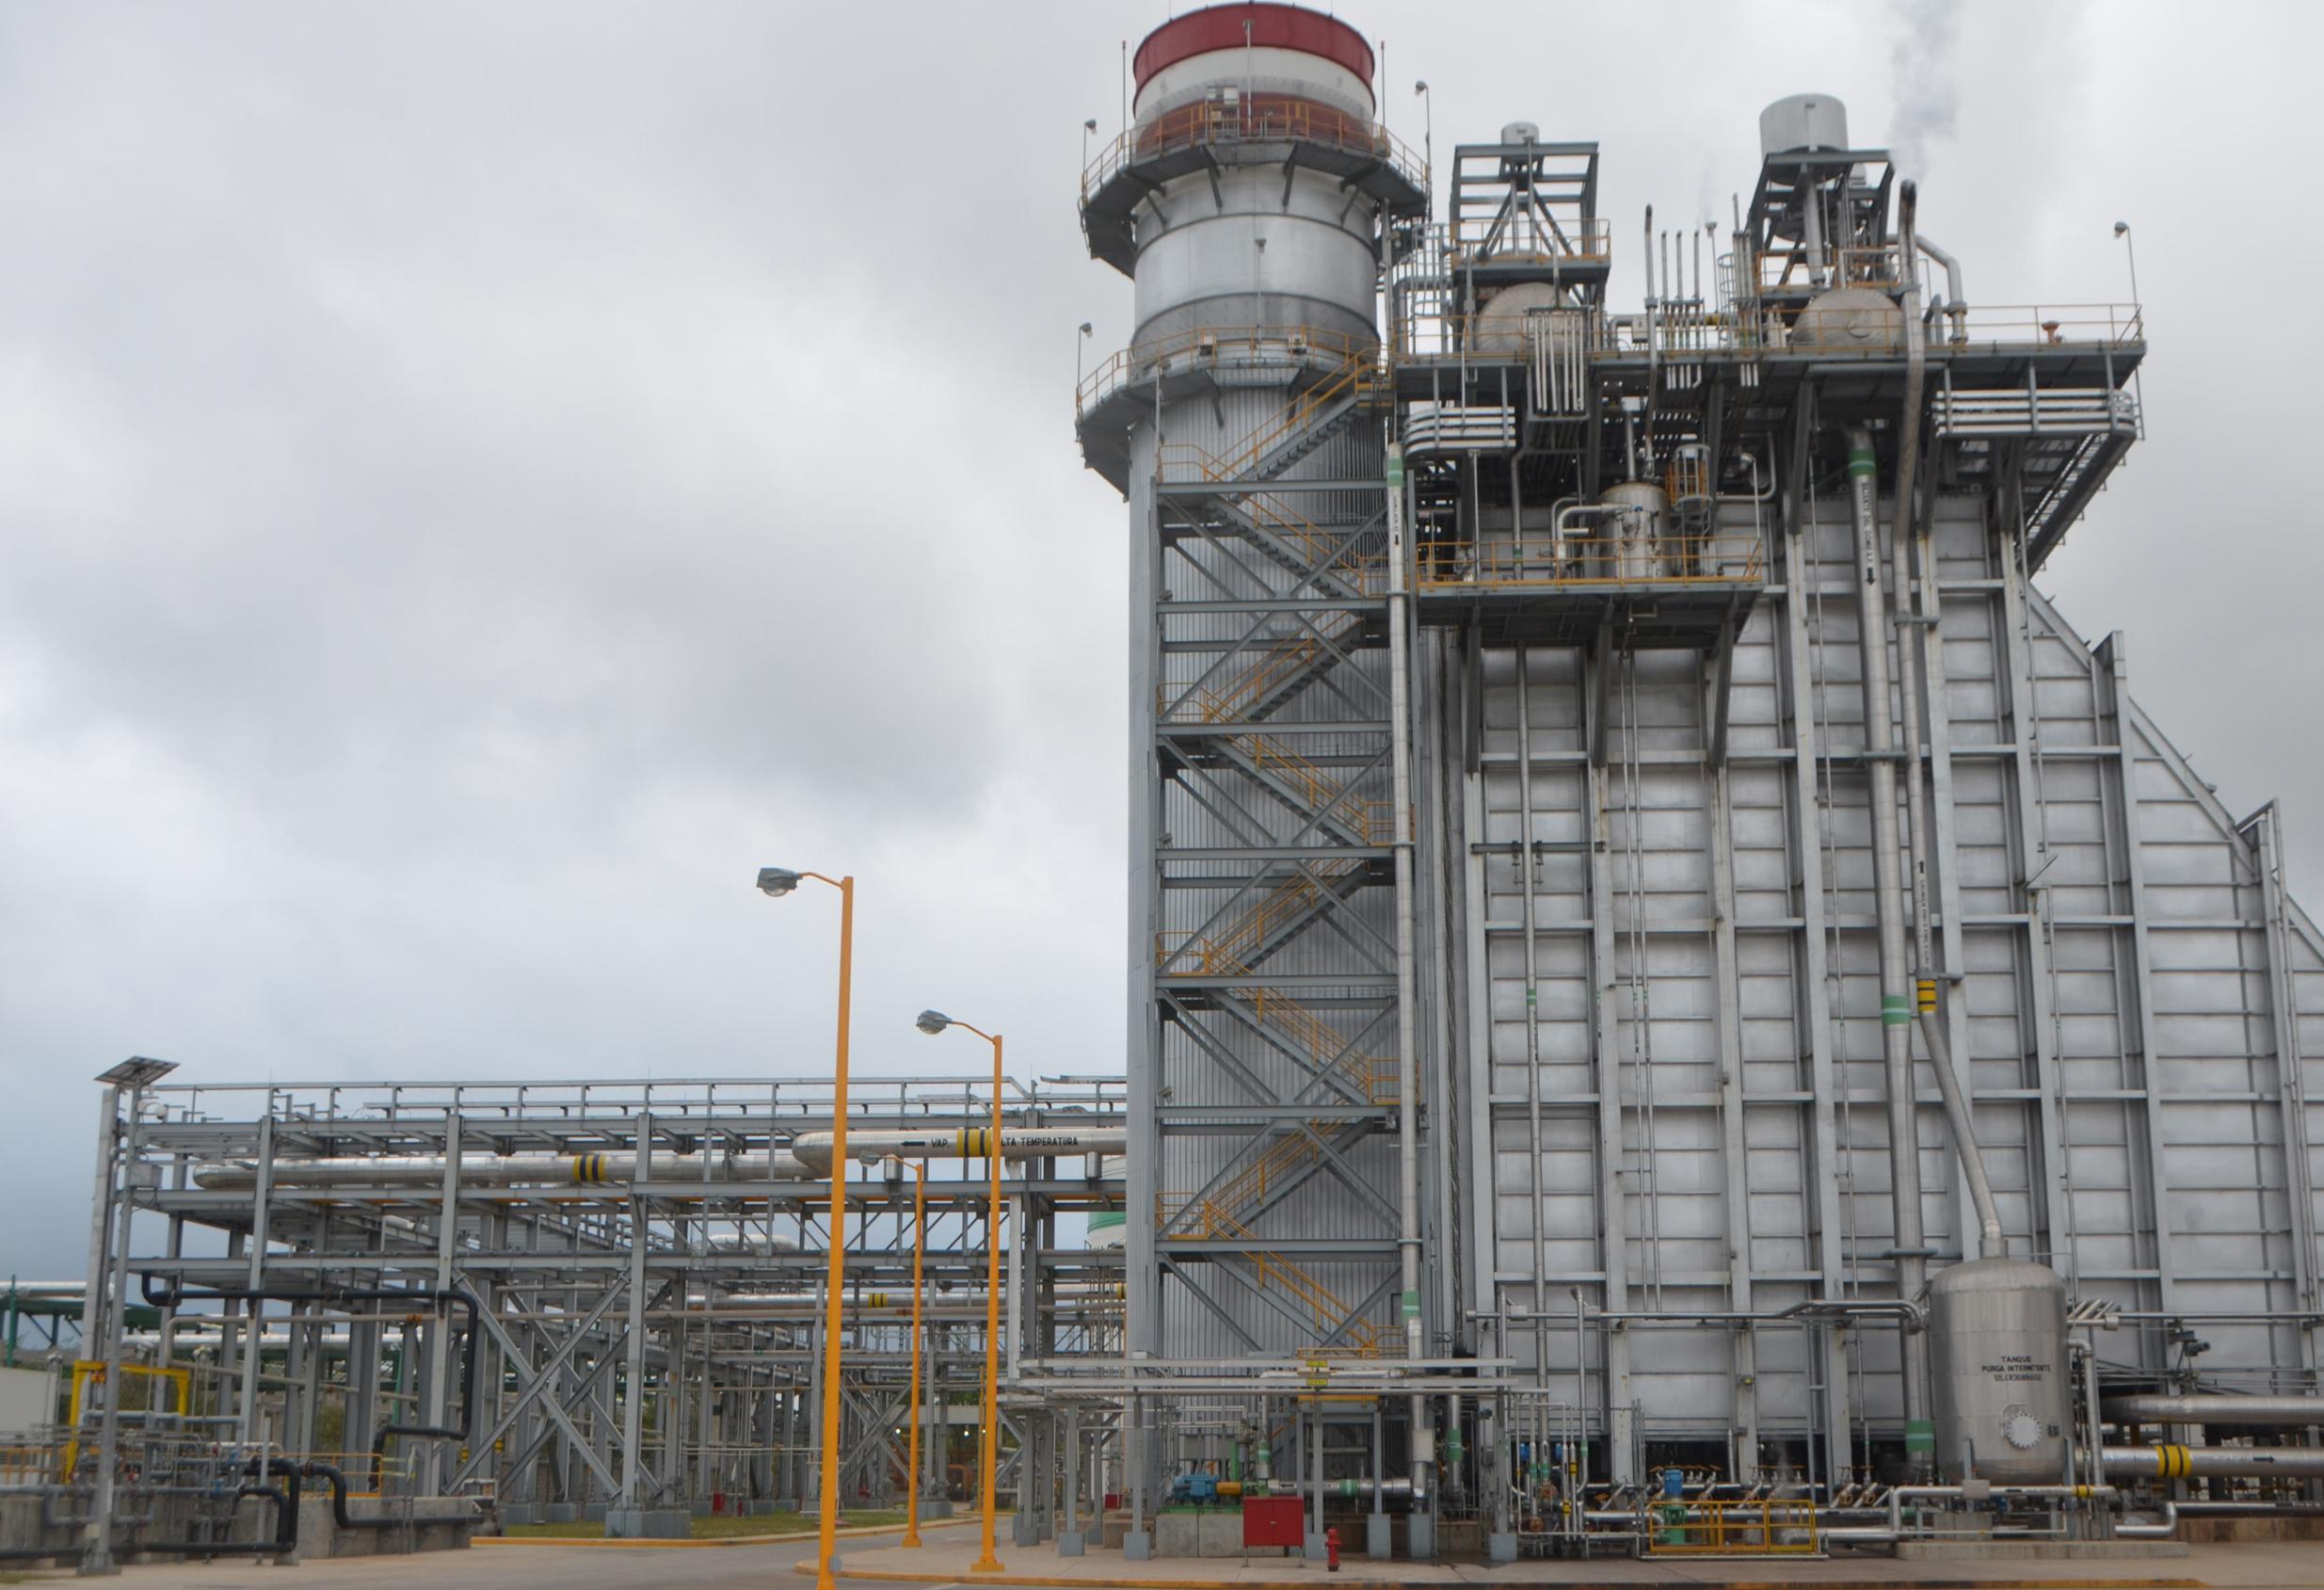 La construcción y equipamiento de la Planta de Cogeneración Nuevo Pemex fue apoyada a través de en un crédito sindicado en el que participó Banobras